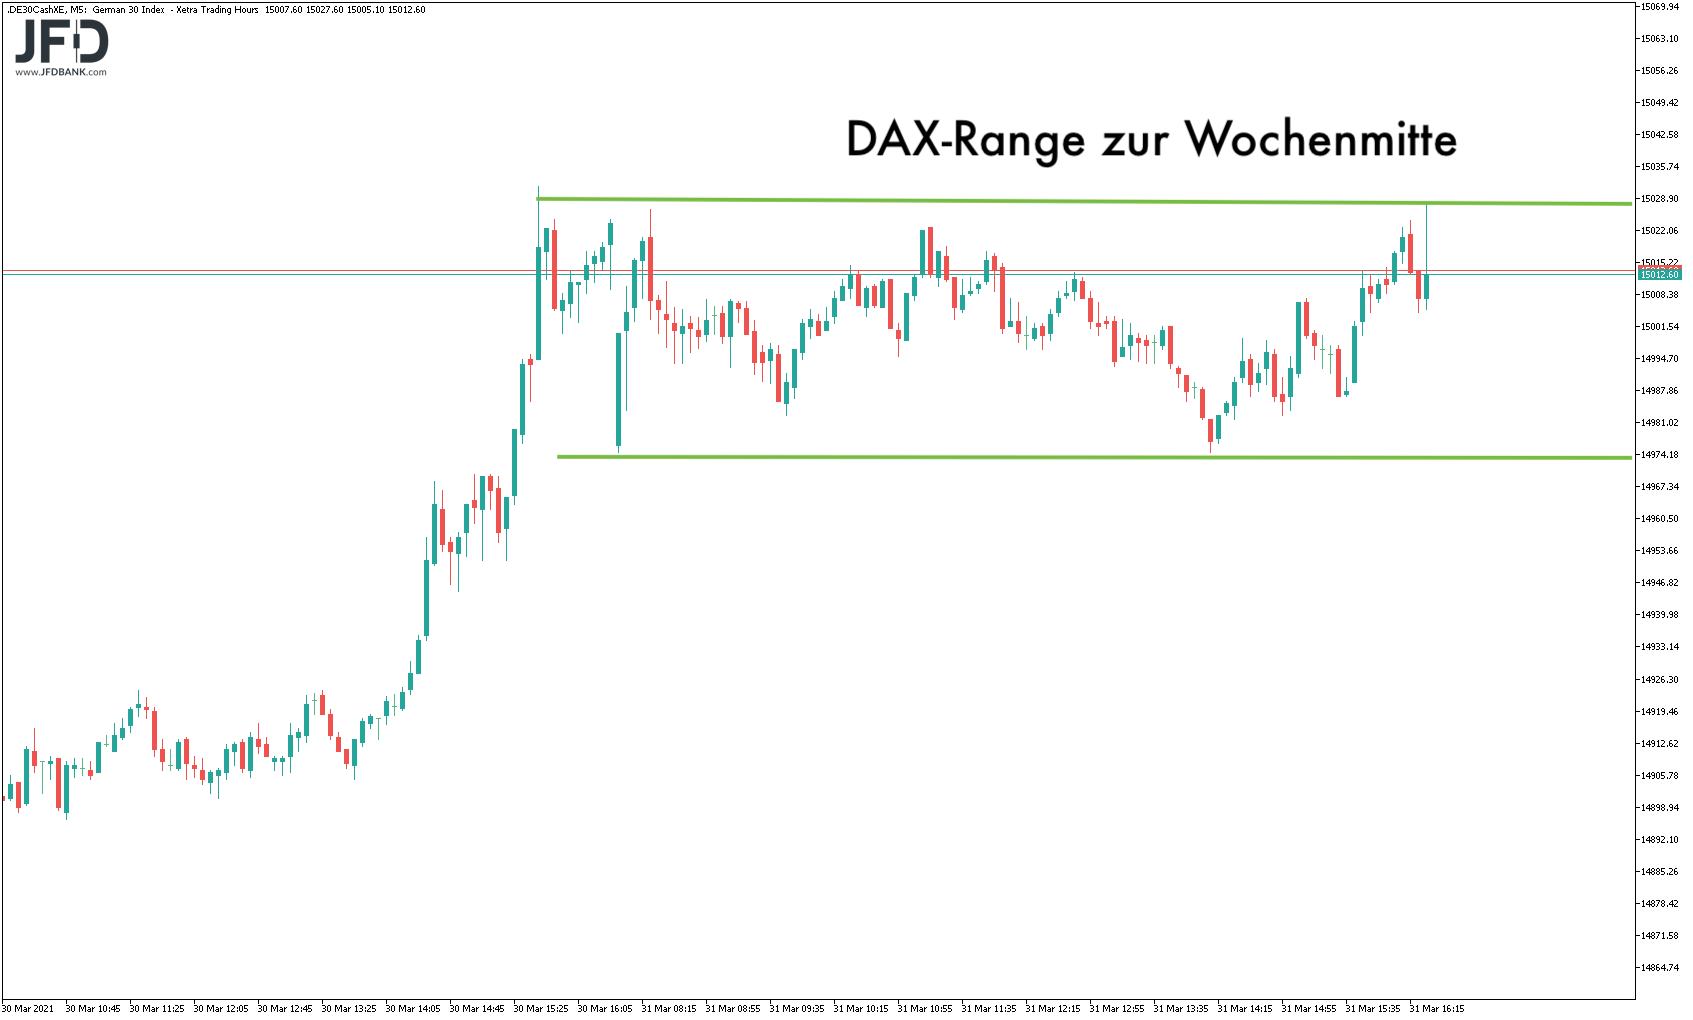 DAX-Range zur Wochenmitte